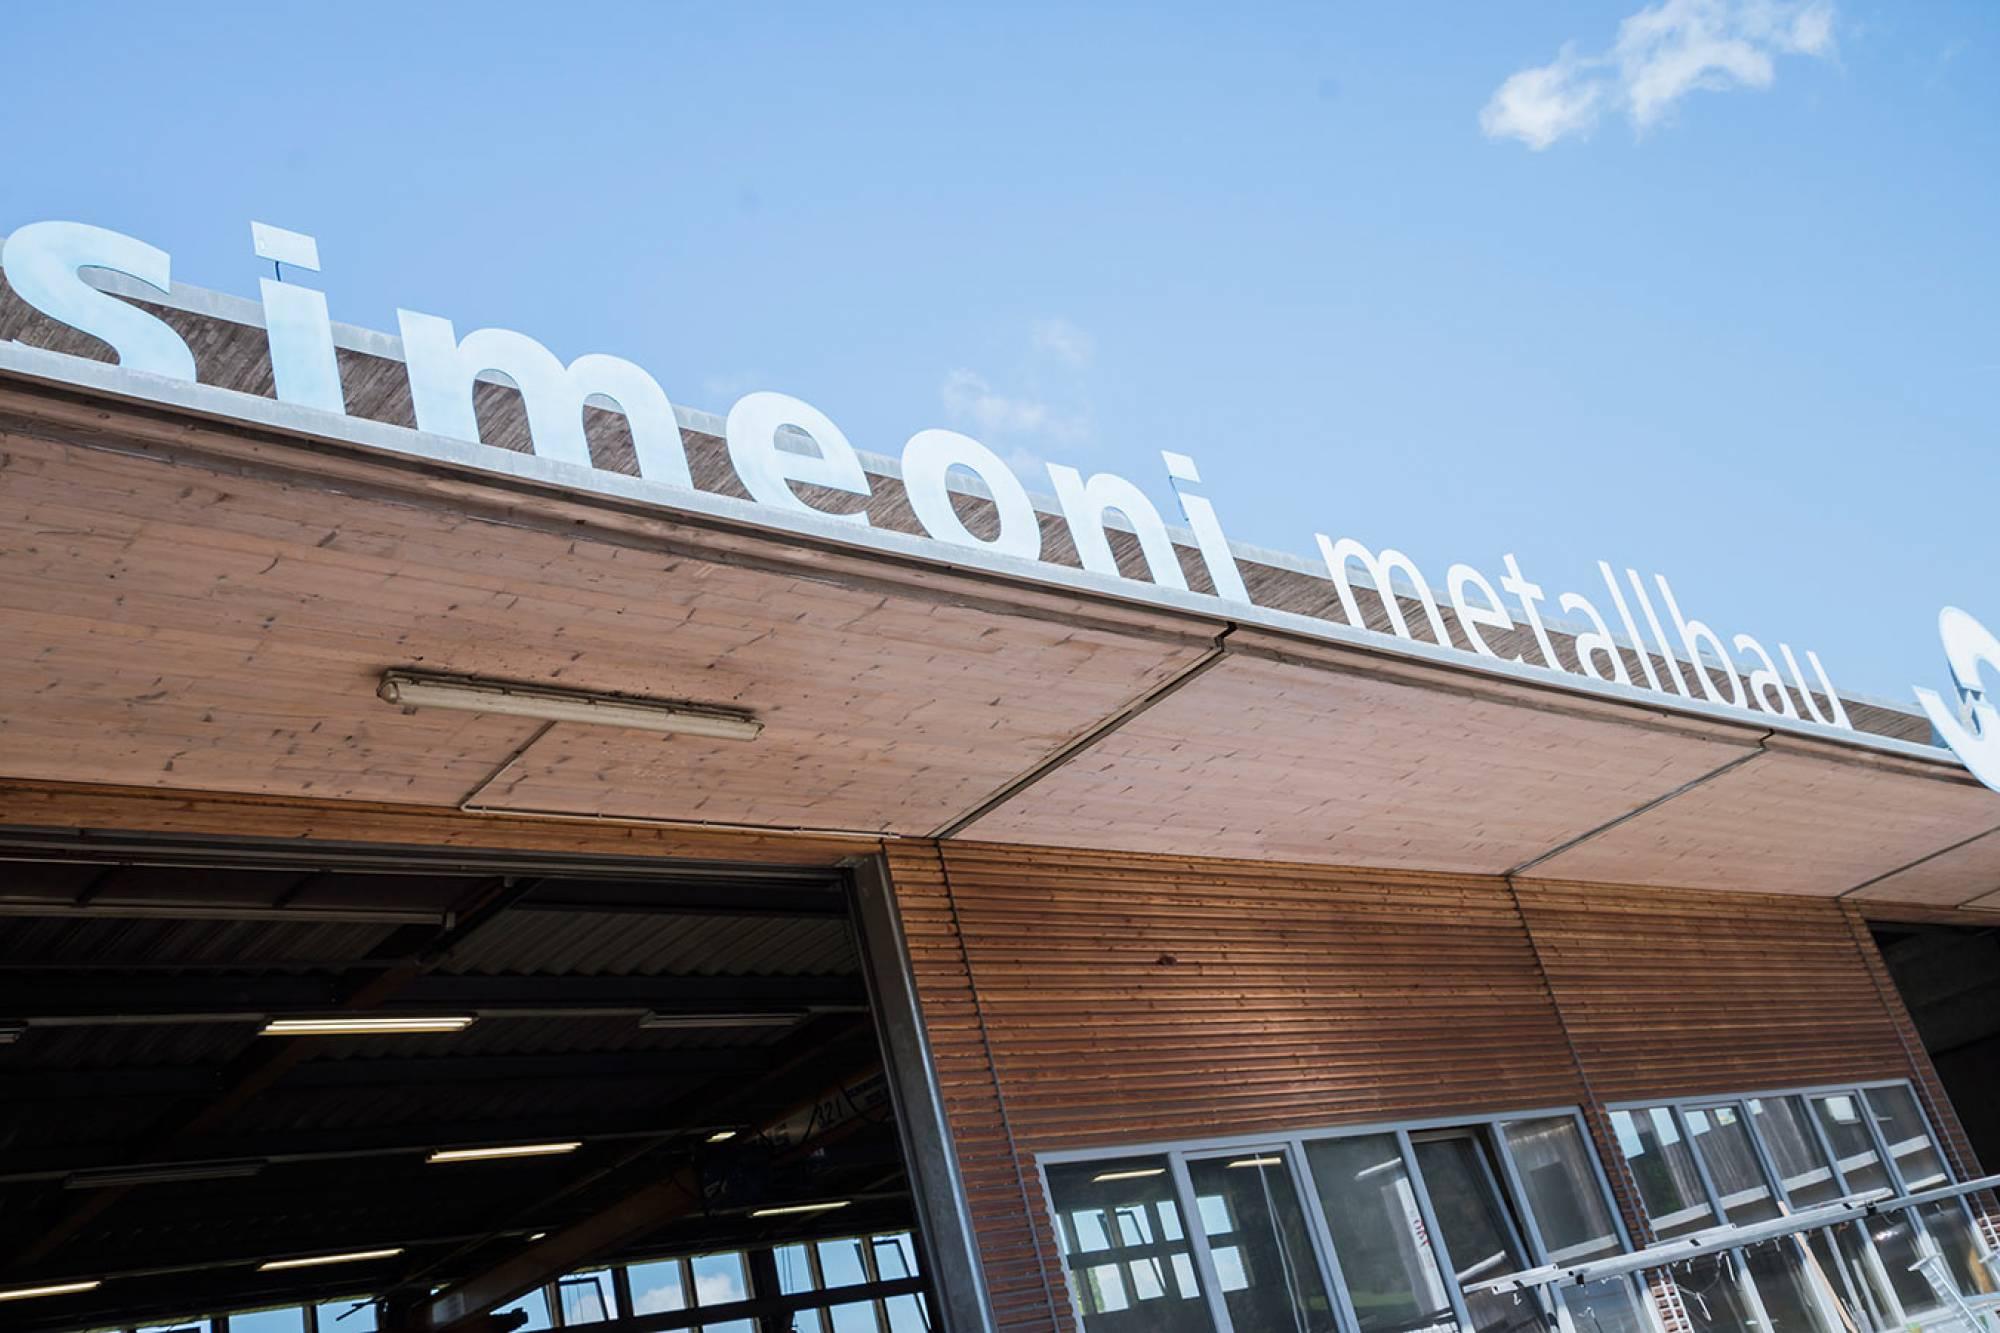 Harald Simeoni GmbH